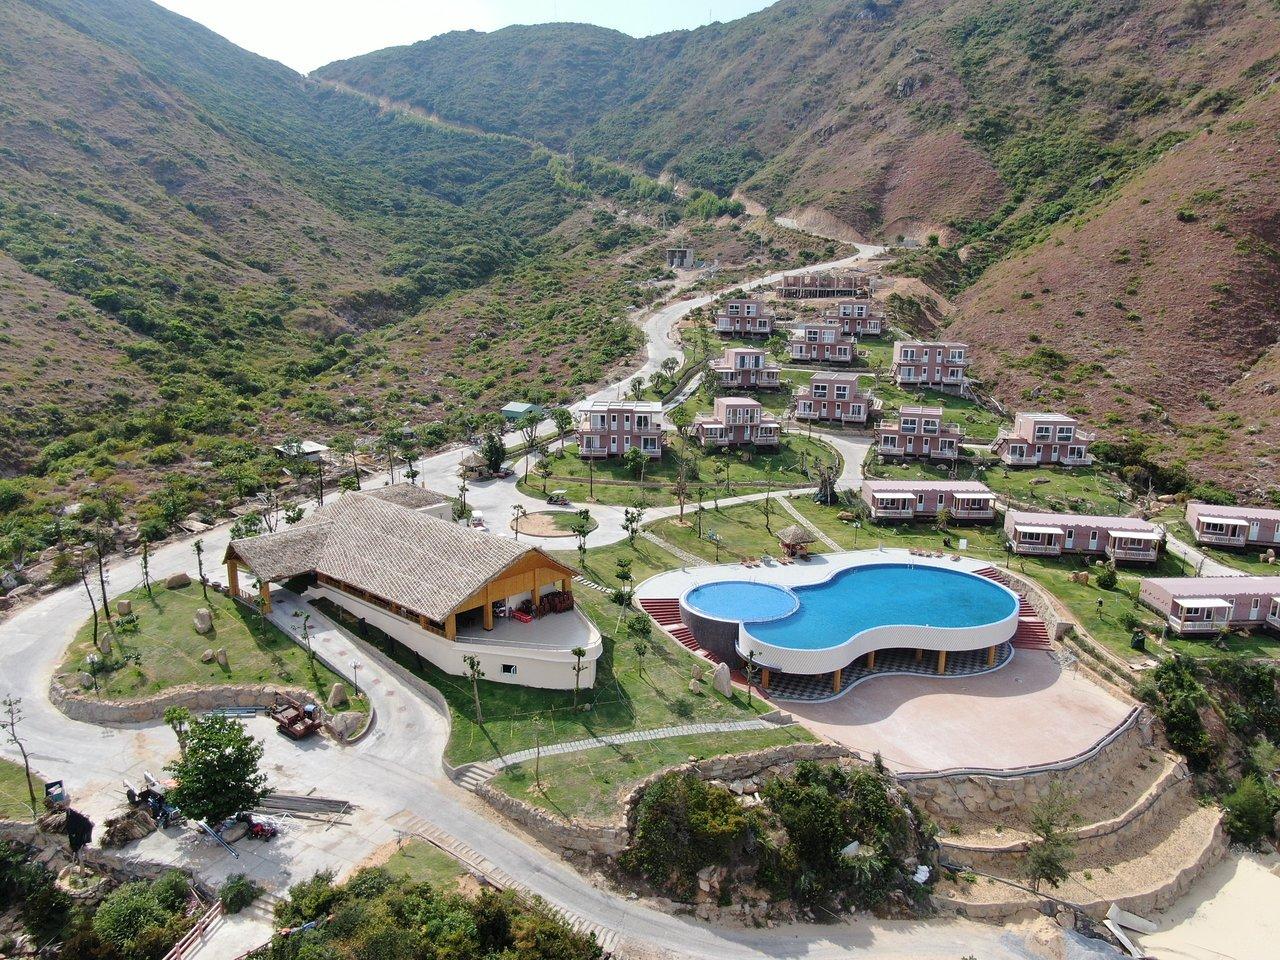 """Kỳ Co Resort chính là địa điểm """"nóng bỏng tay"""" nhất ở thời điểm hiện tại mà chắc chắn ai cũng nên ghé đến một lần. Ảnh: Tripadvisor"""